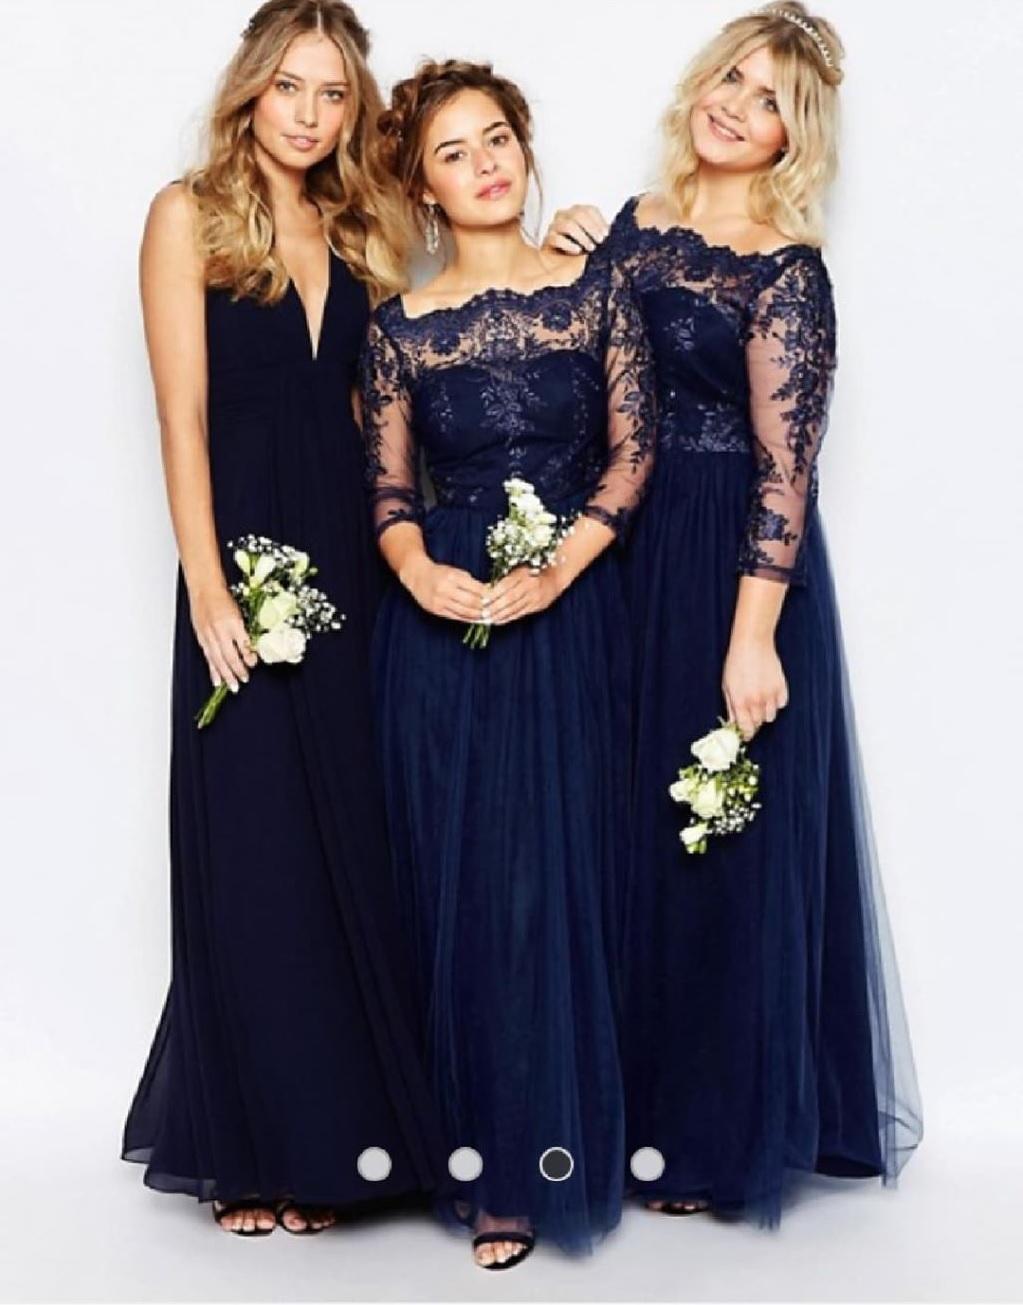 Дамска рокля Chi Chi London, Premium lace 1